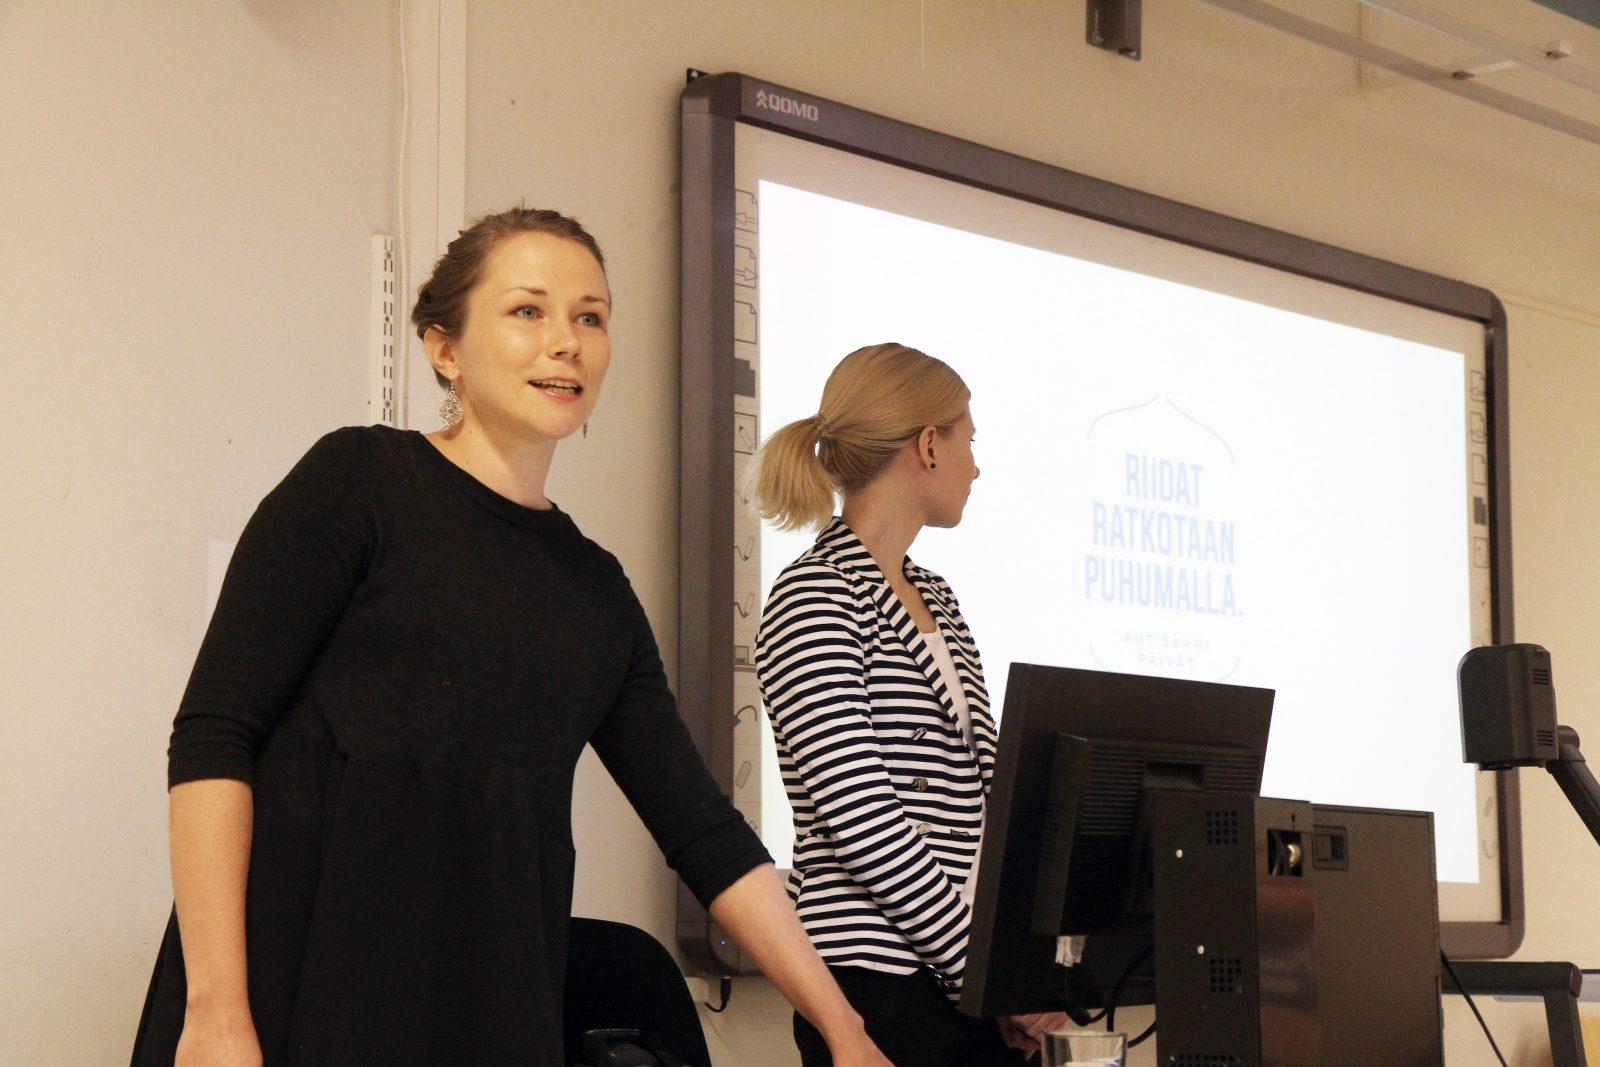 CMI:n Emmi Hänninen ja Jaana Salminen kertoivat konfliktinratkaisusta vuoden 2016 Ahtisaari-päivillä Tampereen Pohjois-Hervannan koulussa.